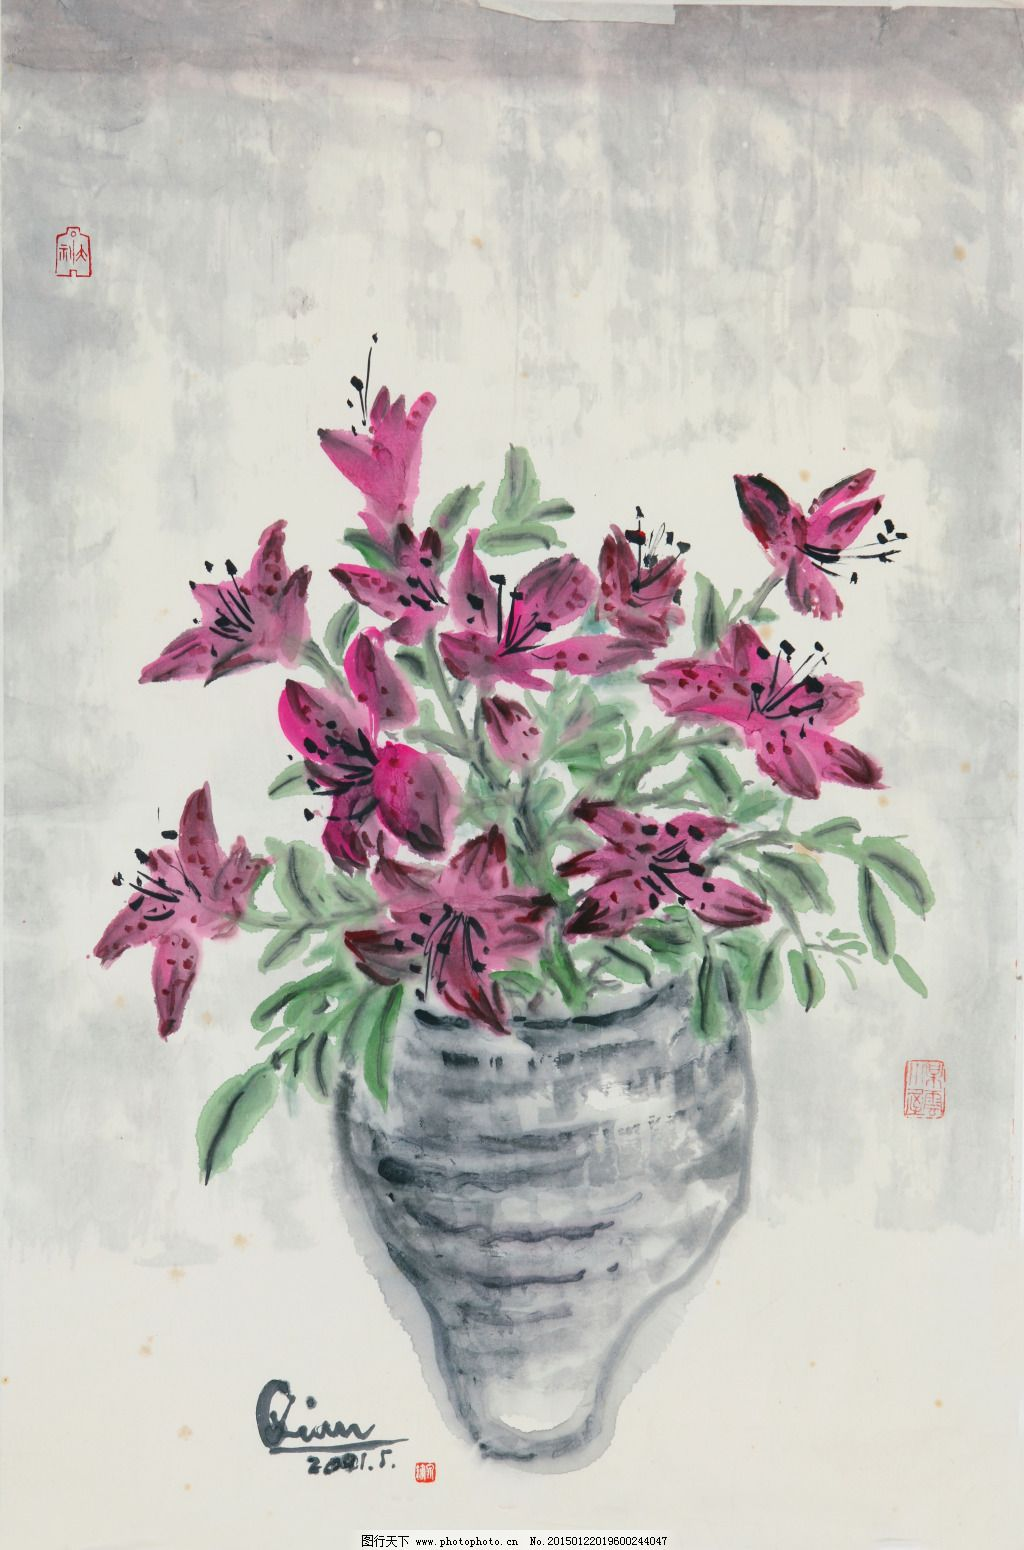 室内装饰设计 中国画 中国画 写意花卉画 洋杜鹃 钱大礼作品 工艺美术